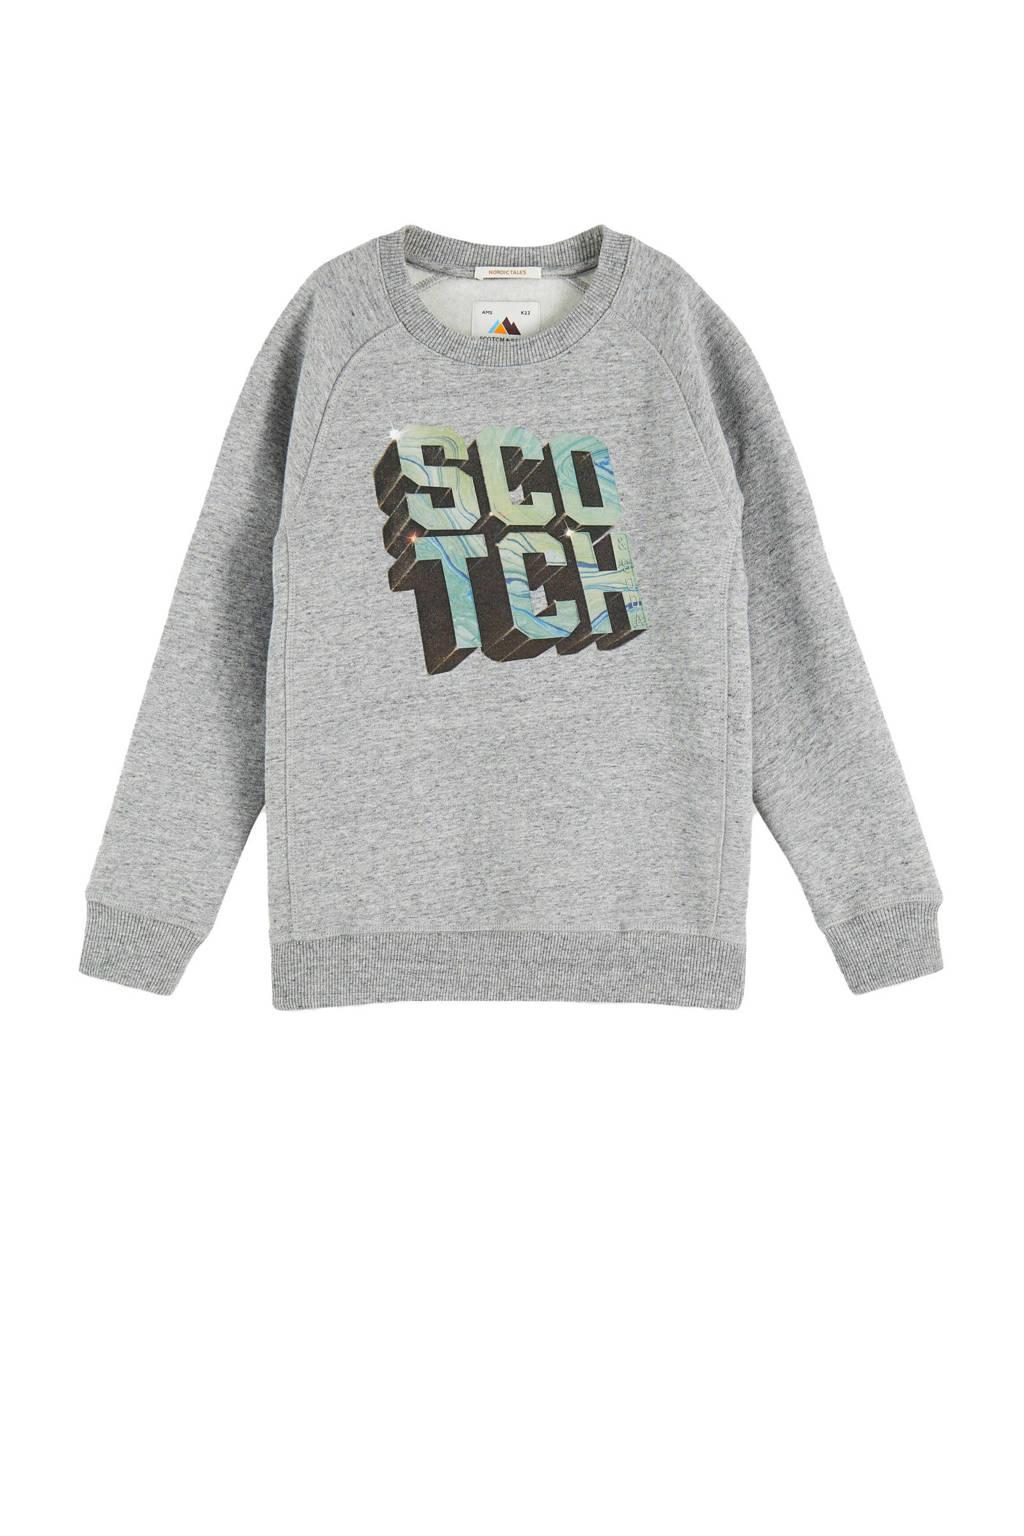 Scotch & Soda sweater met tekst grijs melange, Grijs melange